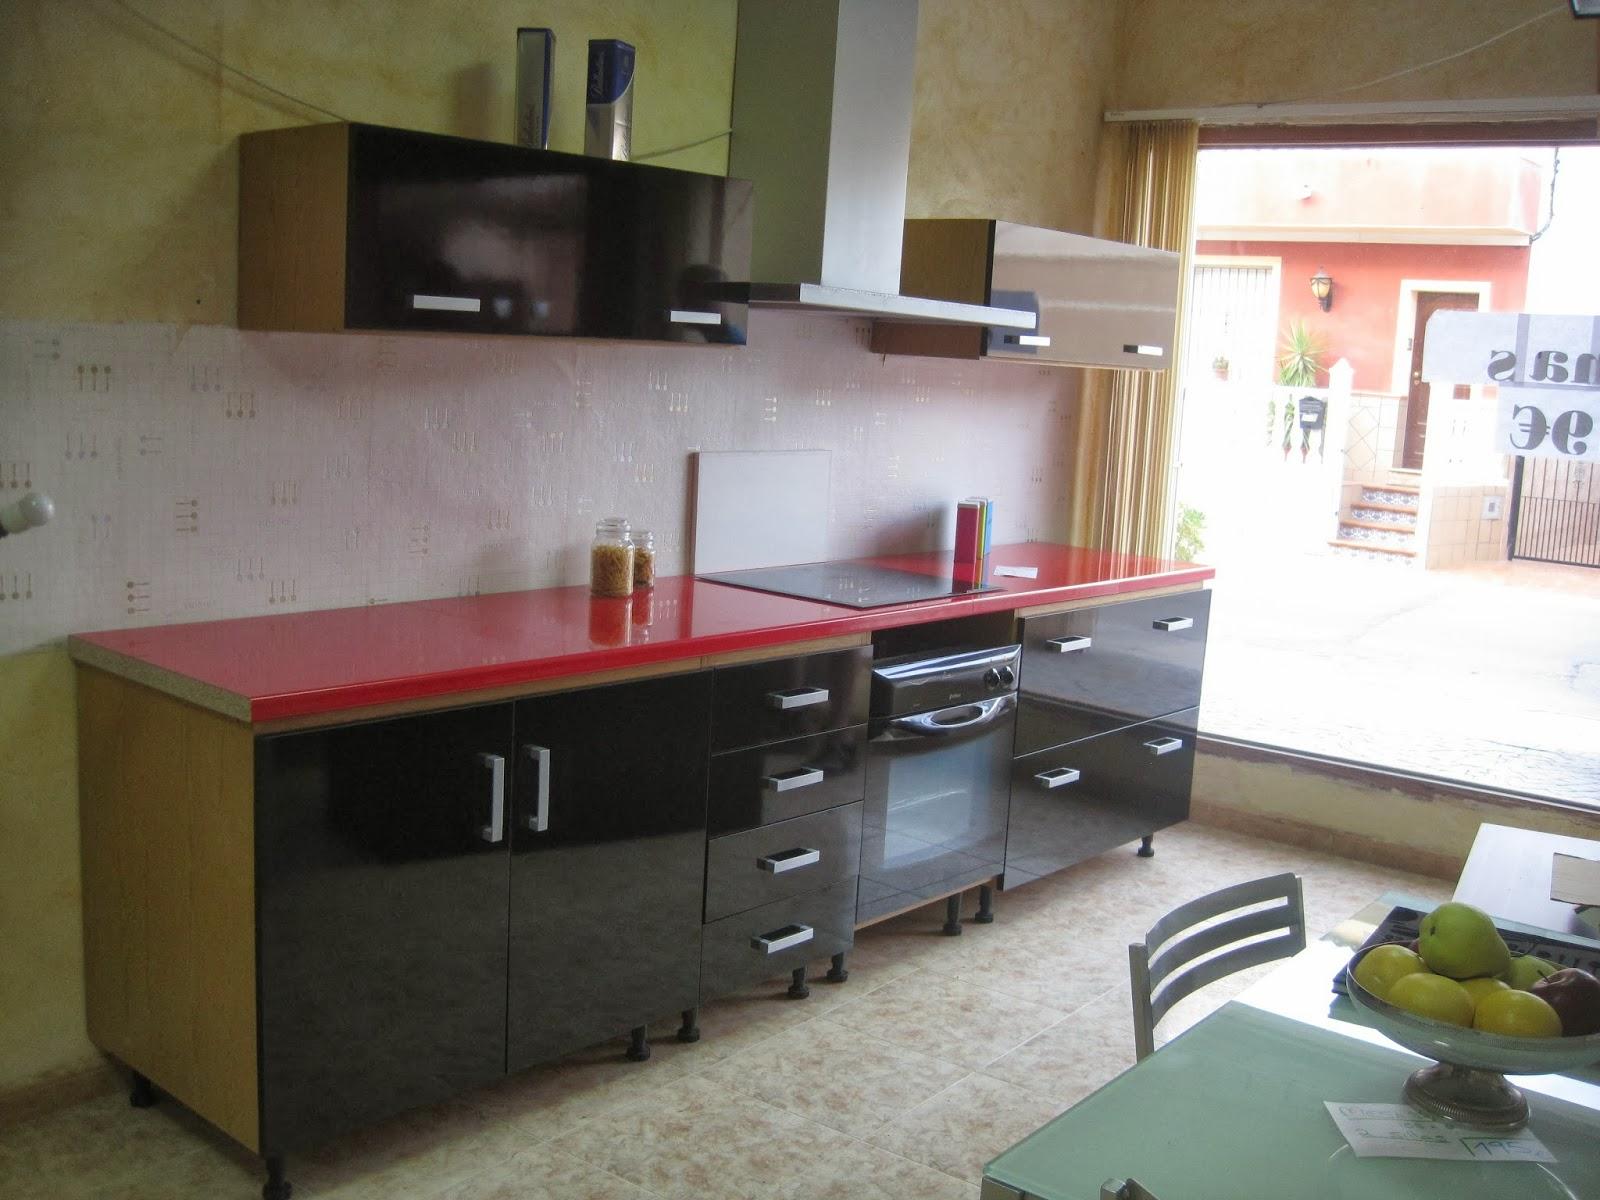 Muebles arcecoll cocinas - Encimera de cocina precios ...